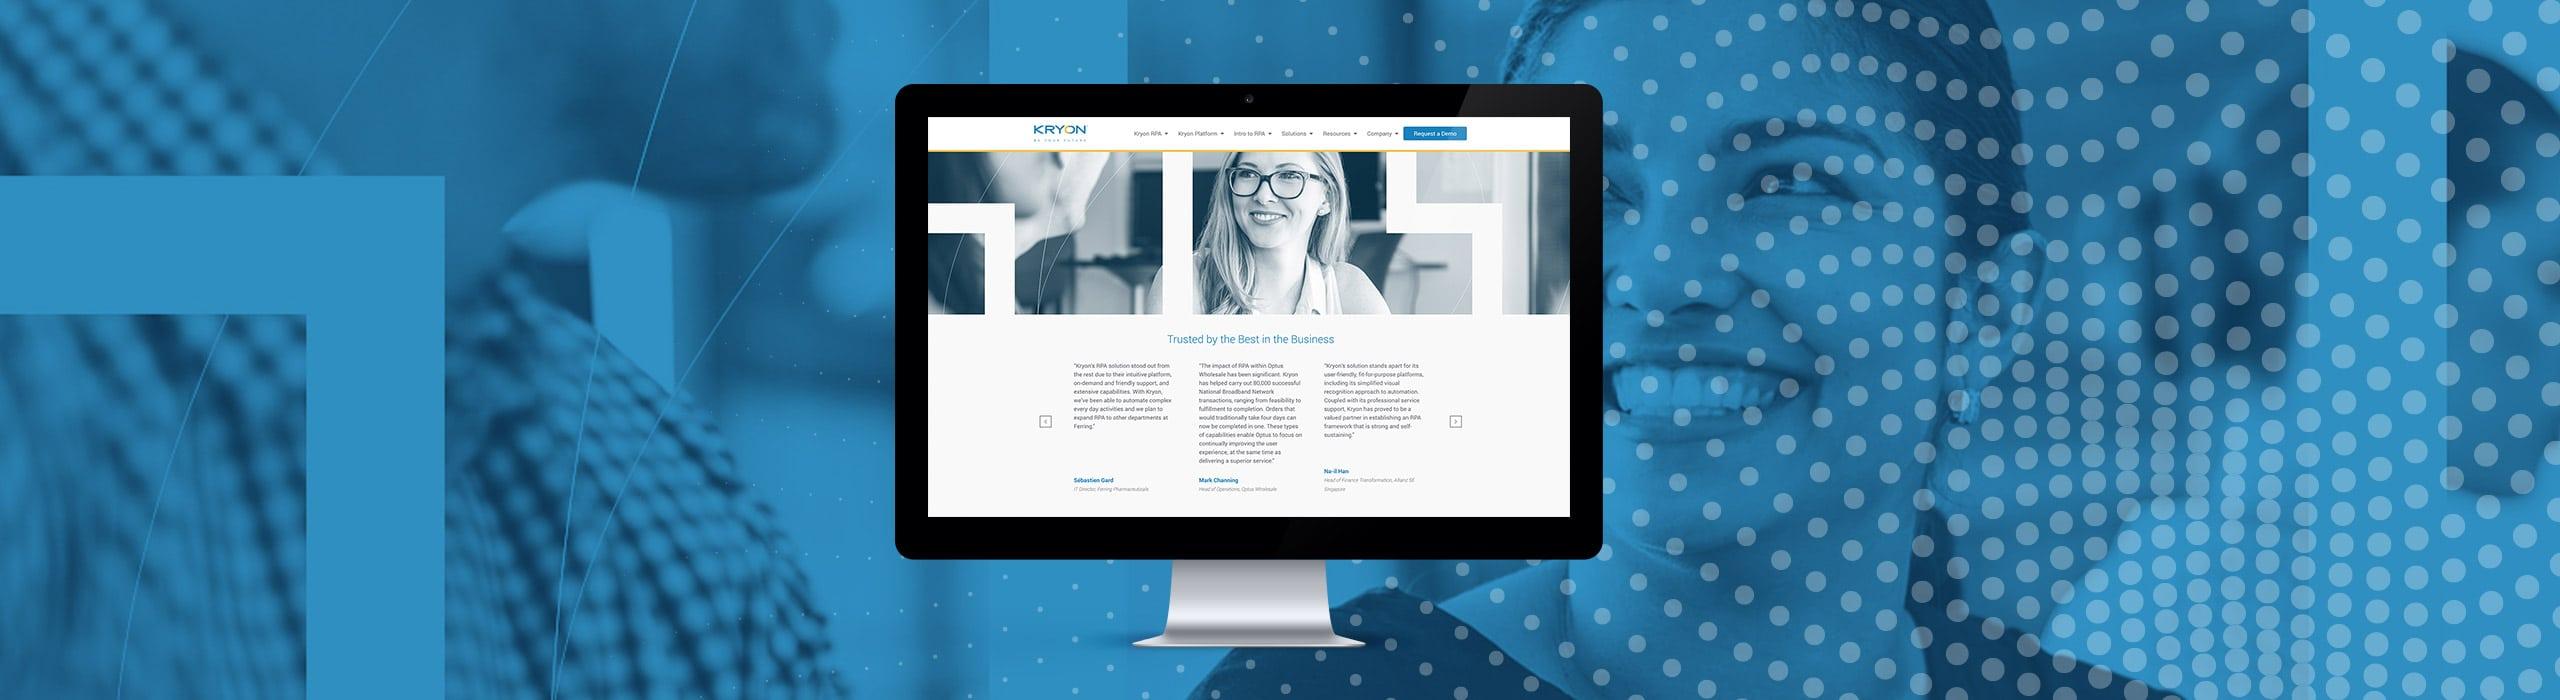 Kryon - 11 - Natie Branding Agency